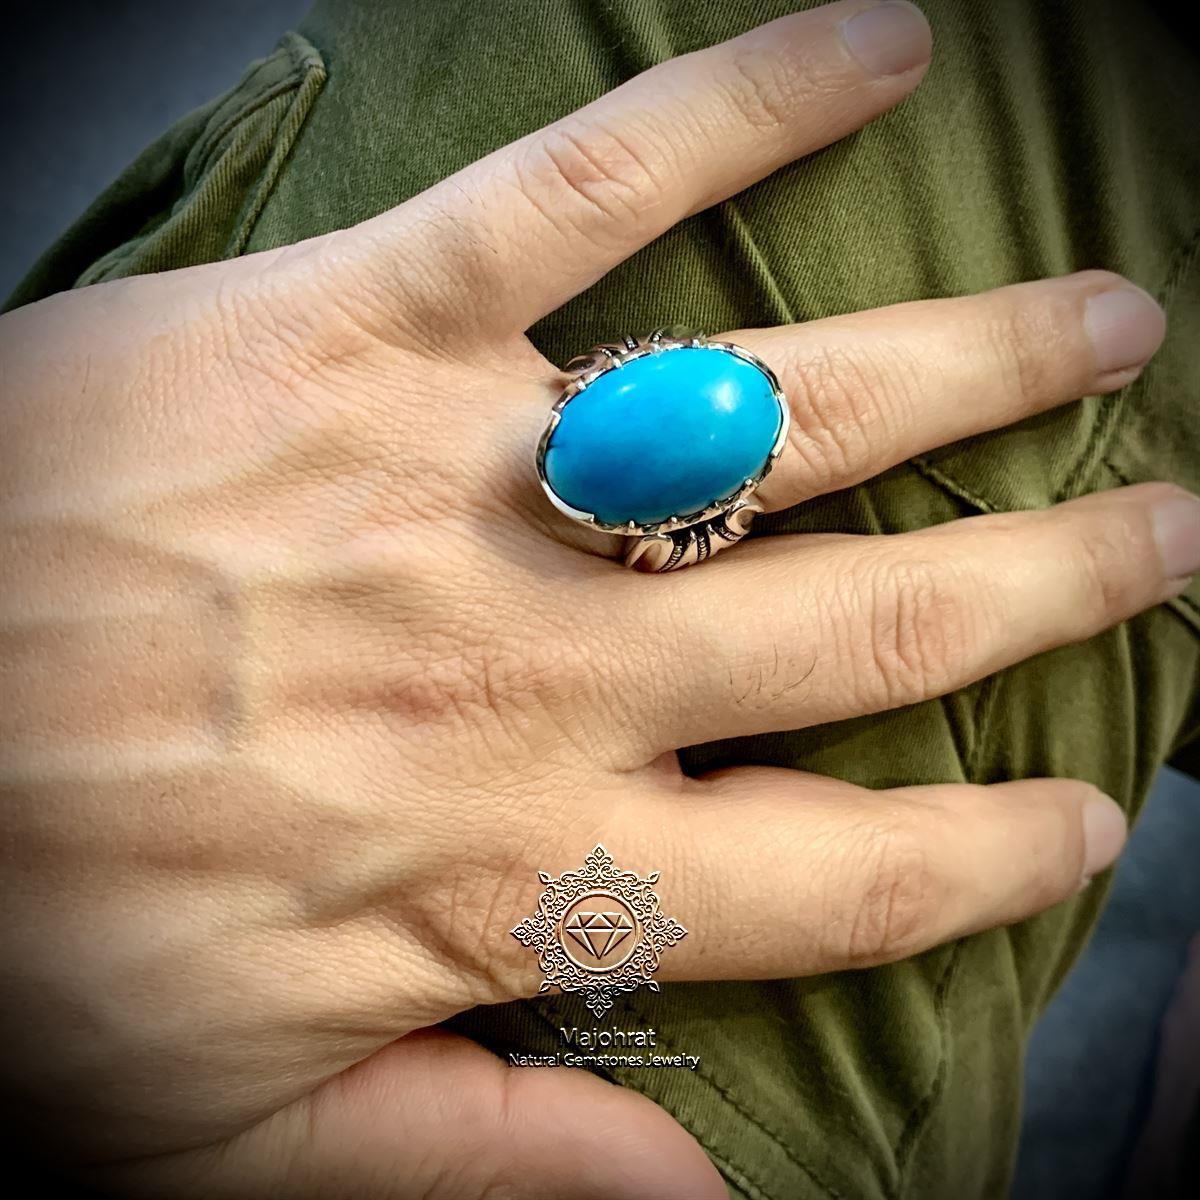 Natural Turquoise Ring Handmade Nishapuri Feroza Ring Original Nishaburi 5 natural gemstones pakistan + 925 silver jewelry online